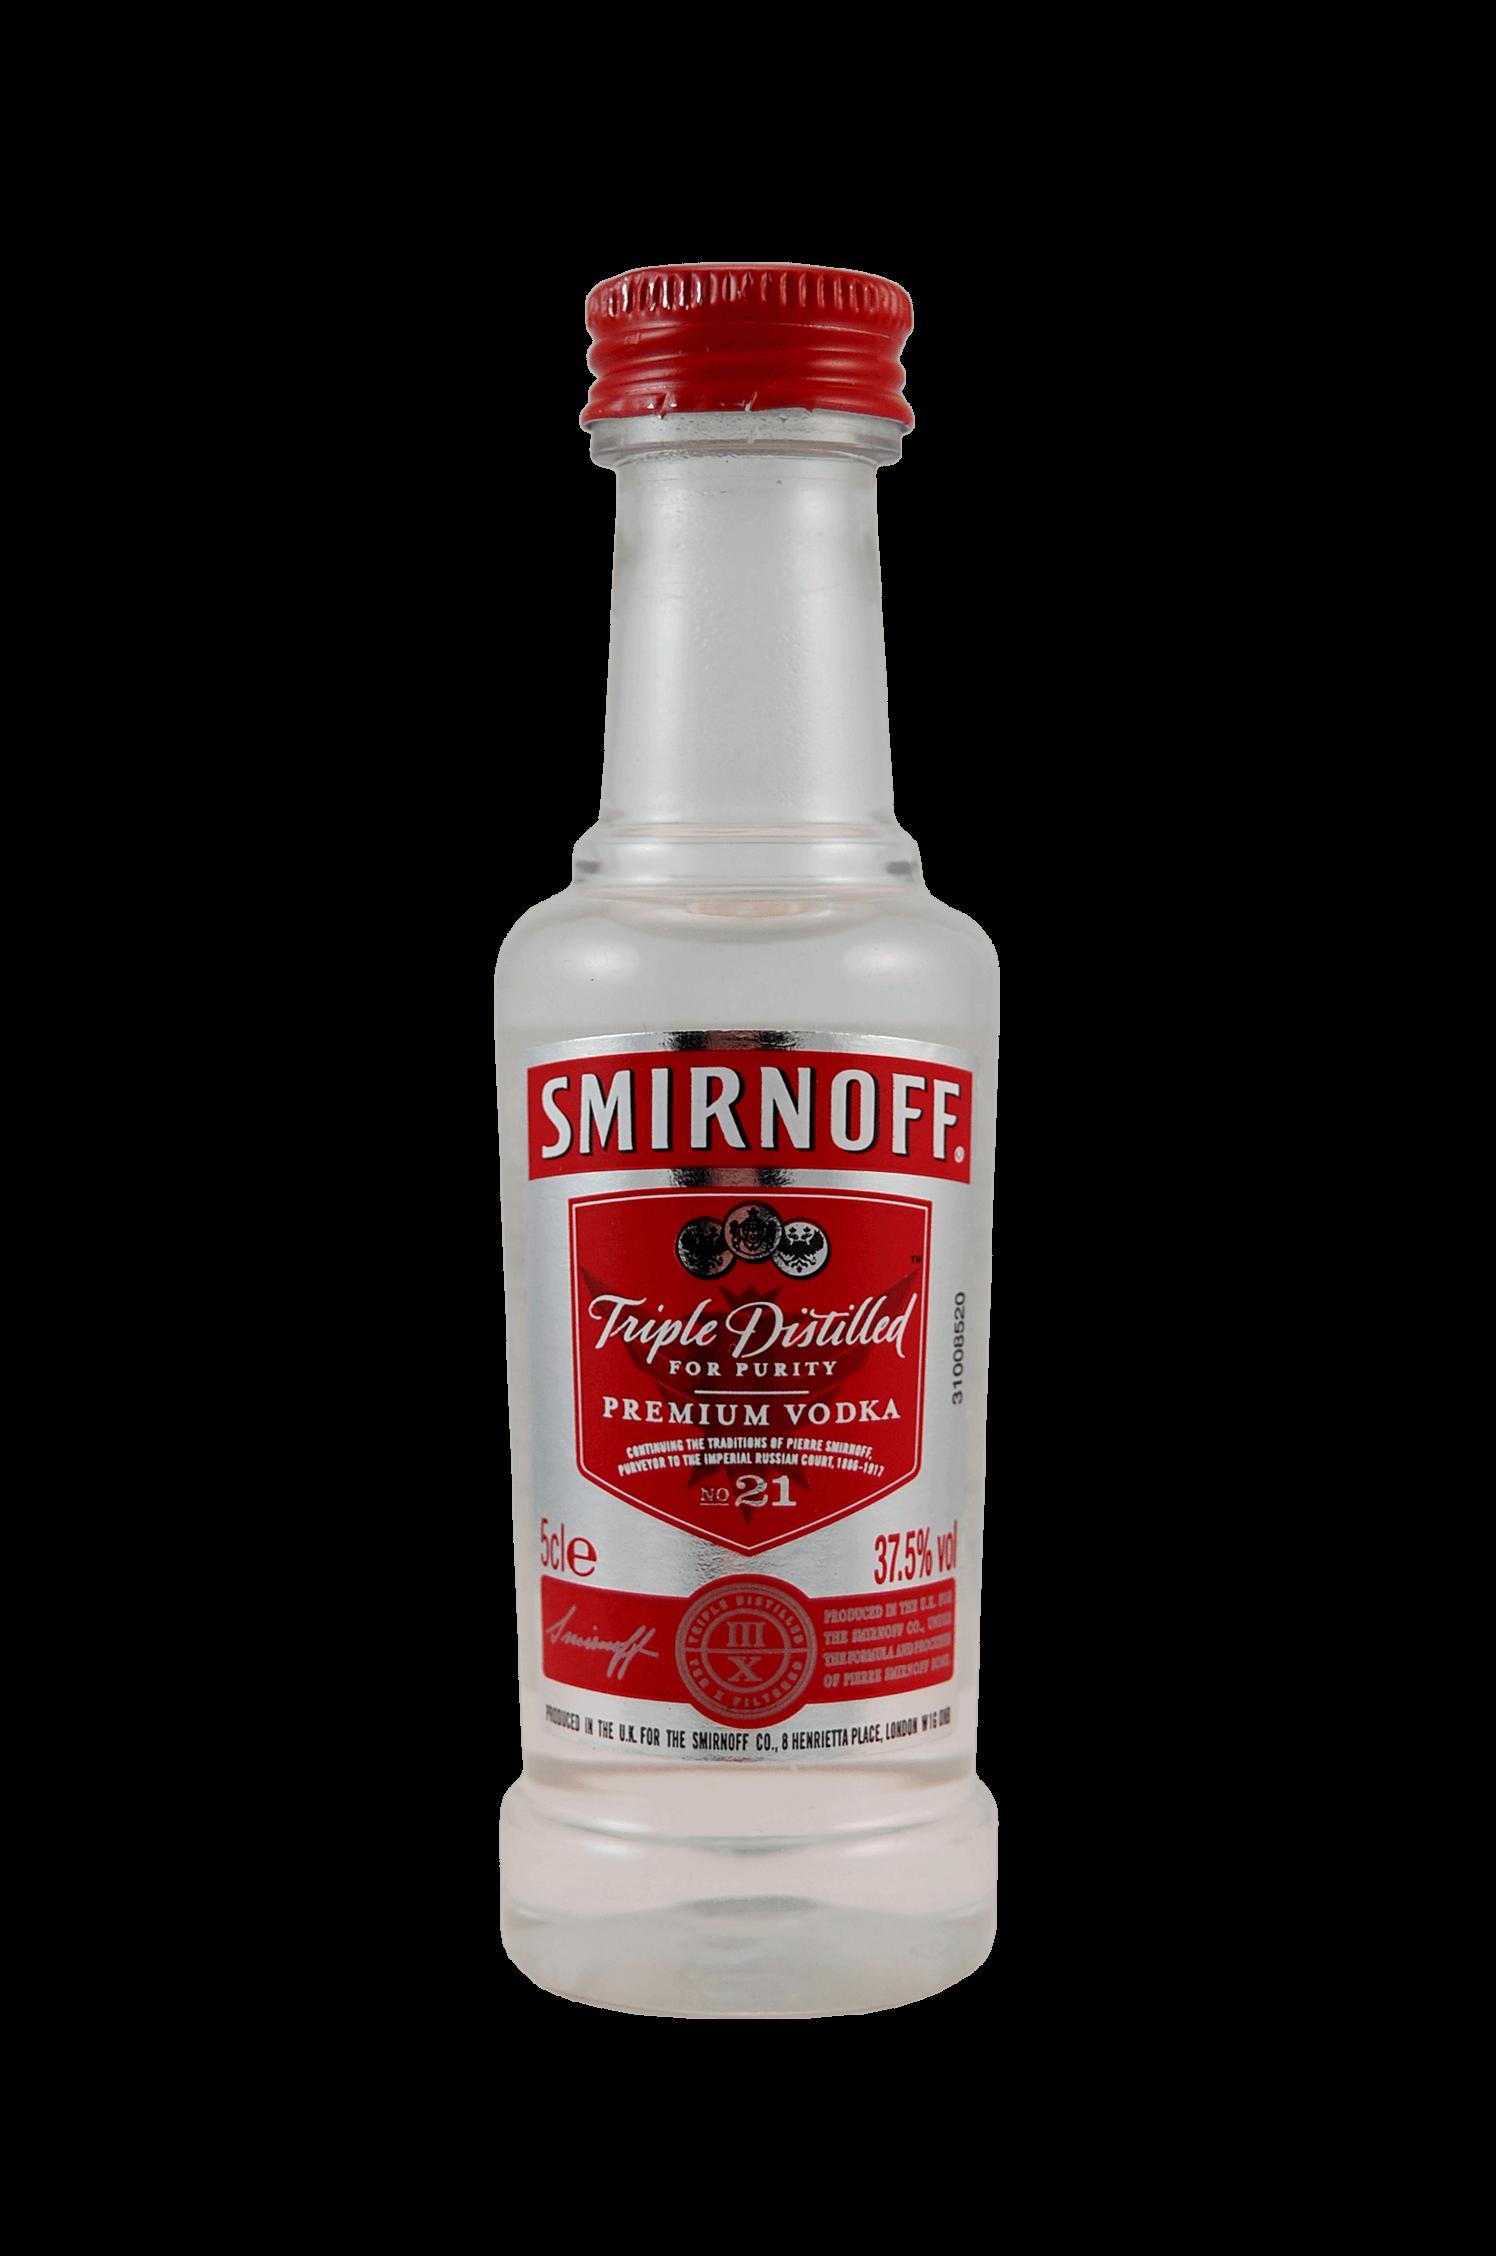 Smirnoff Triple Distilled